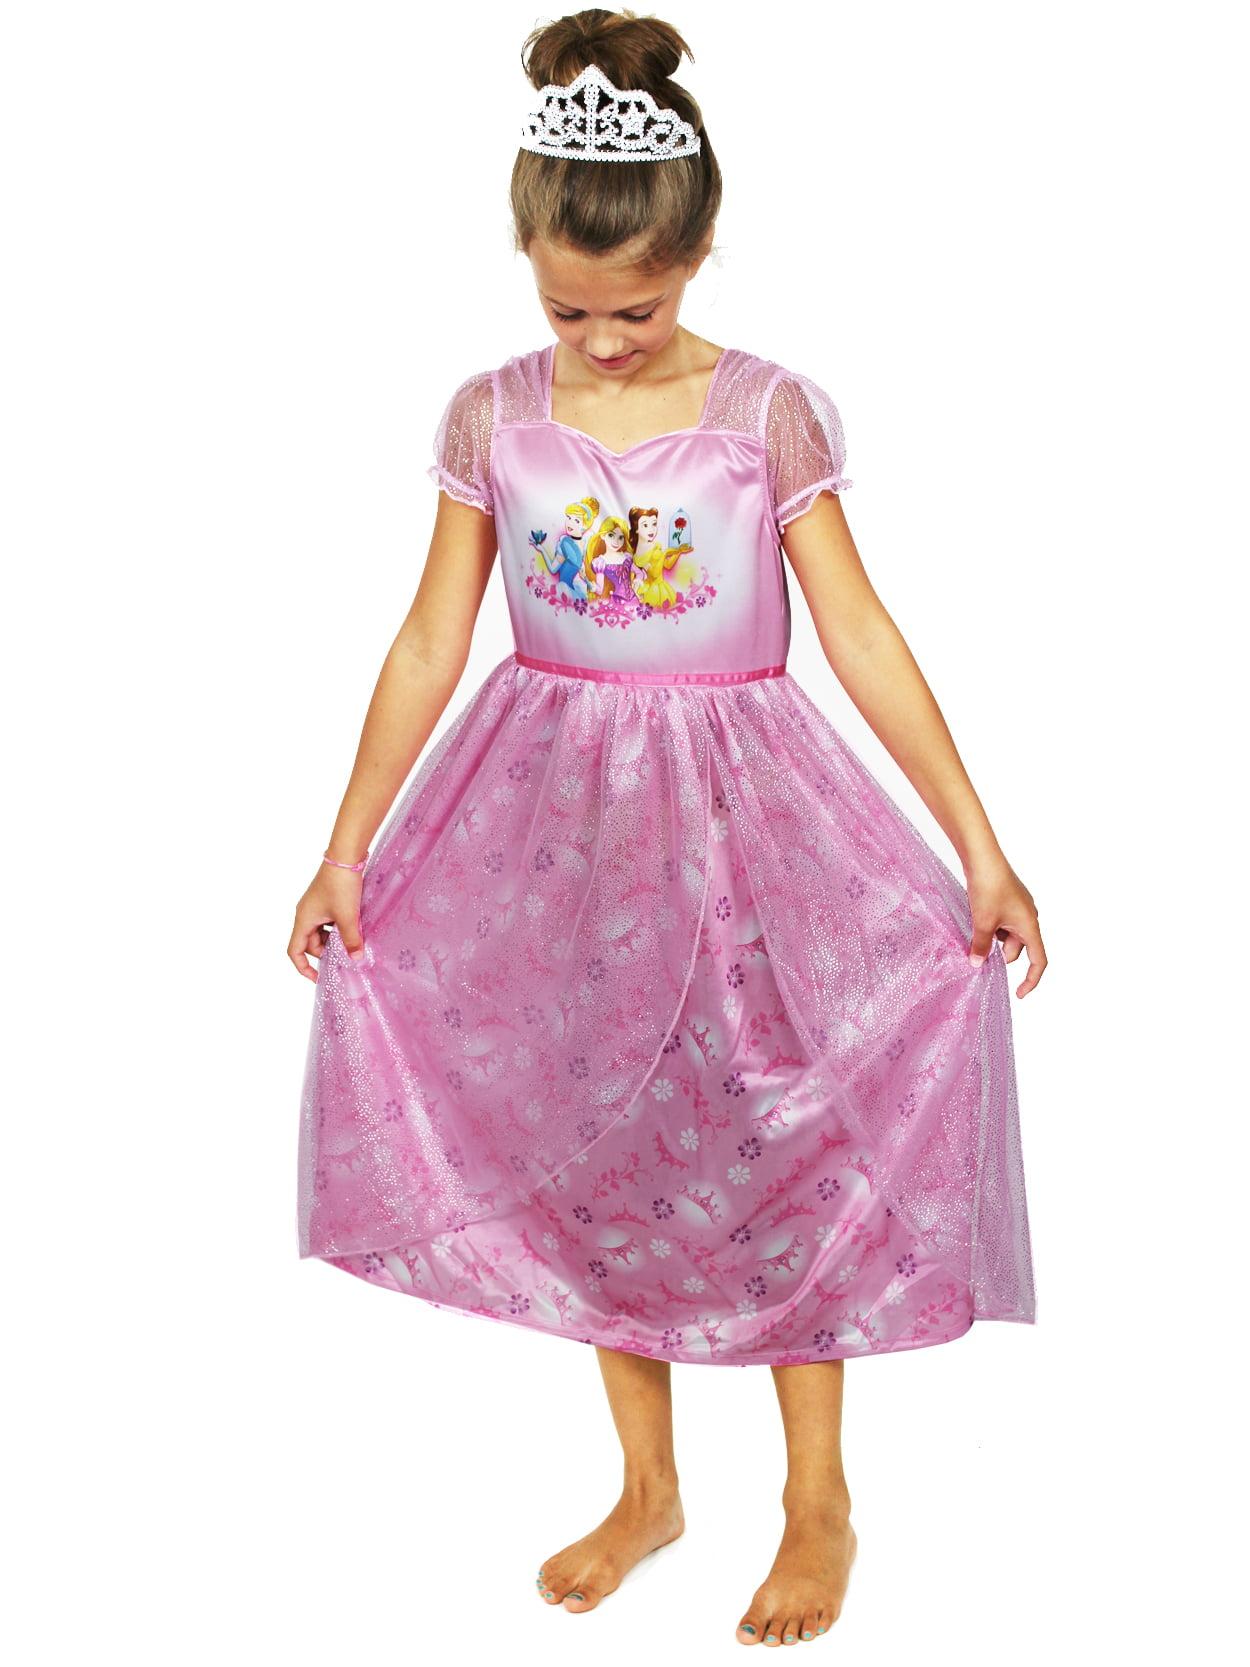 12 Years Umeyda Kids /& Toddler Soft Flannel Bathrobes 1 Year